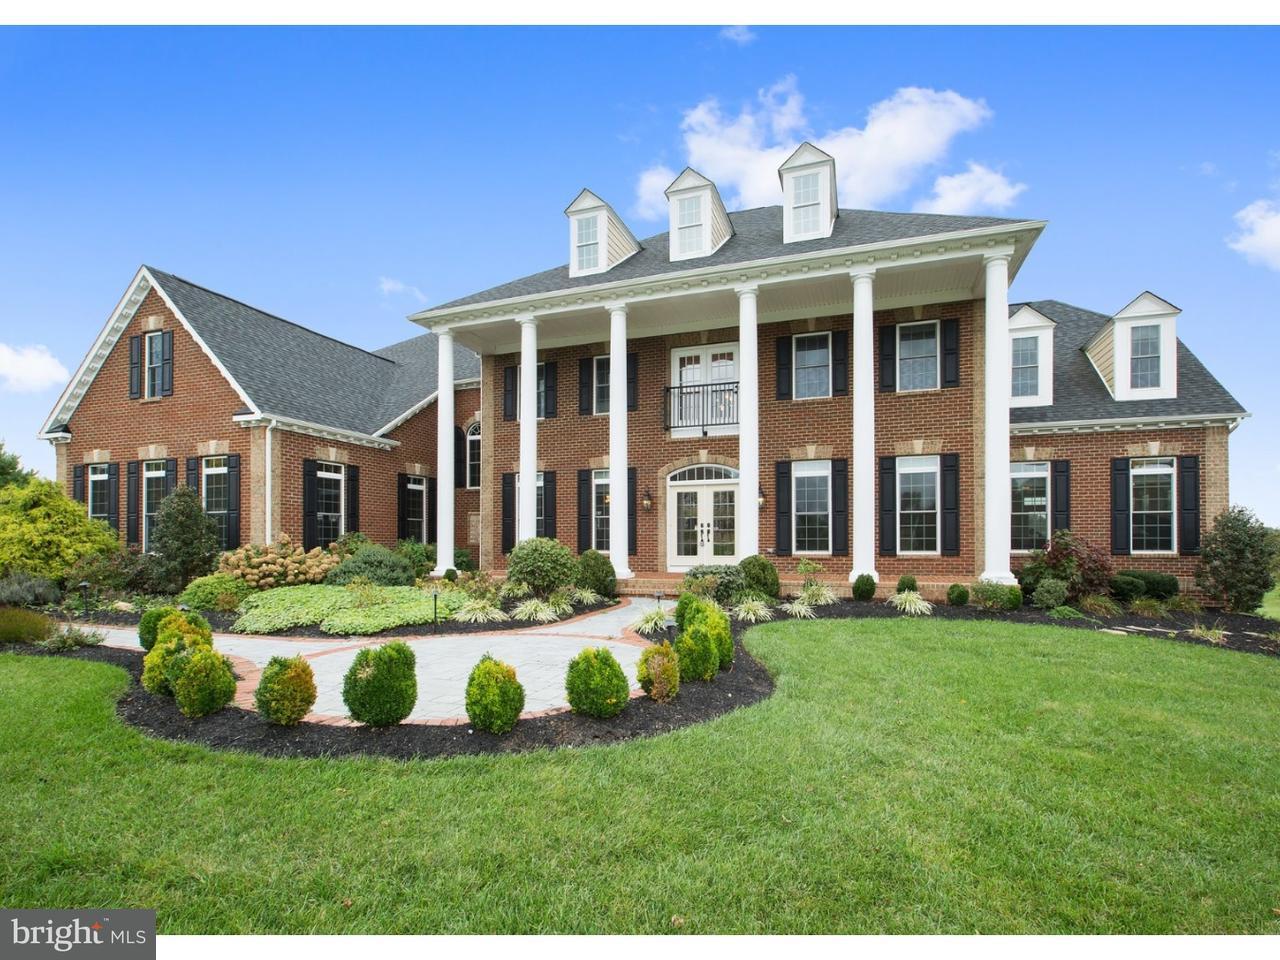 Maison unifamiliale pour l Vente à 110 HIDDEN POND Drive Chadds Ford, Pennsylvanie 19317 États-Unis